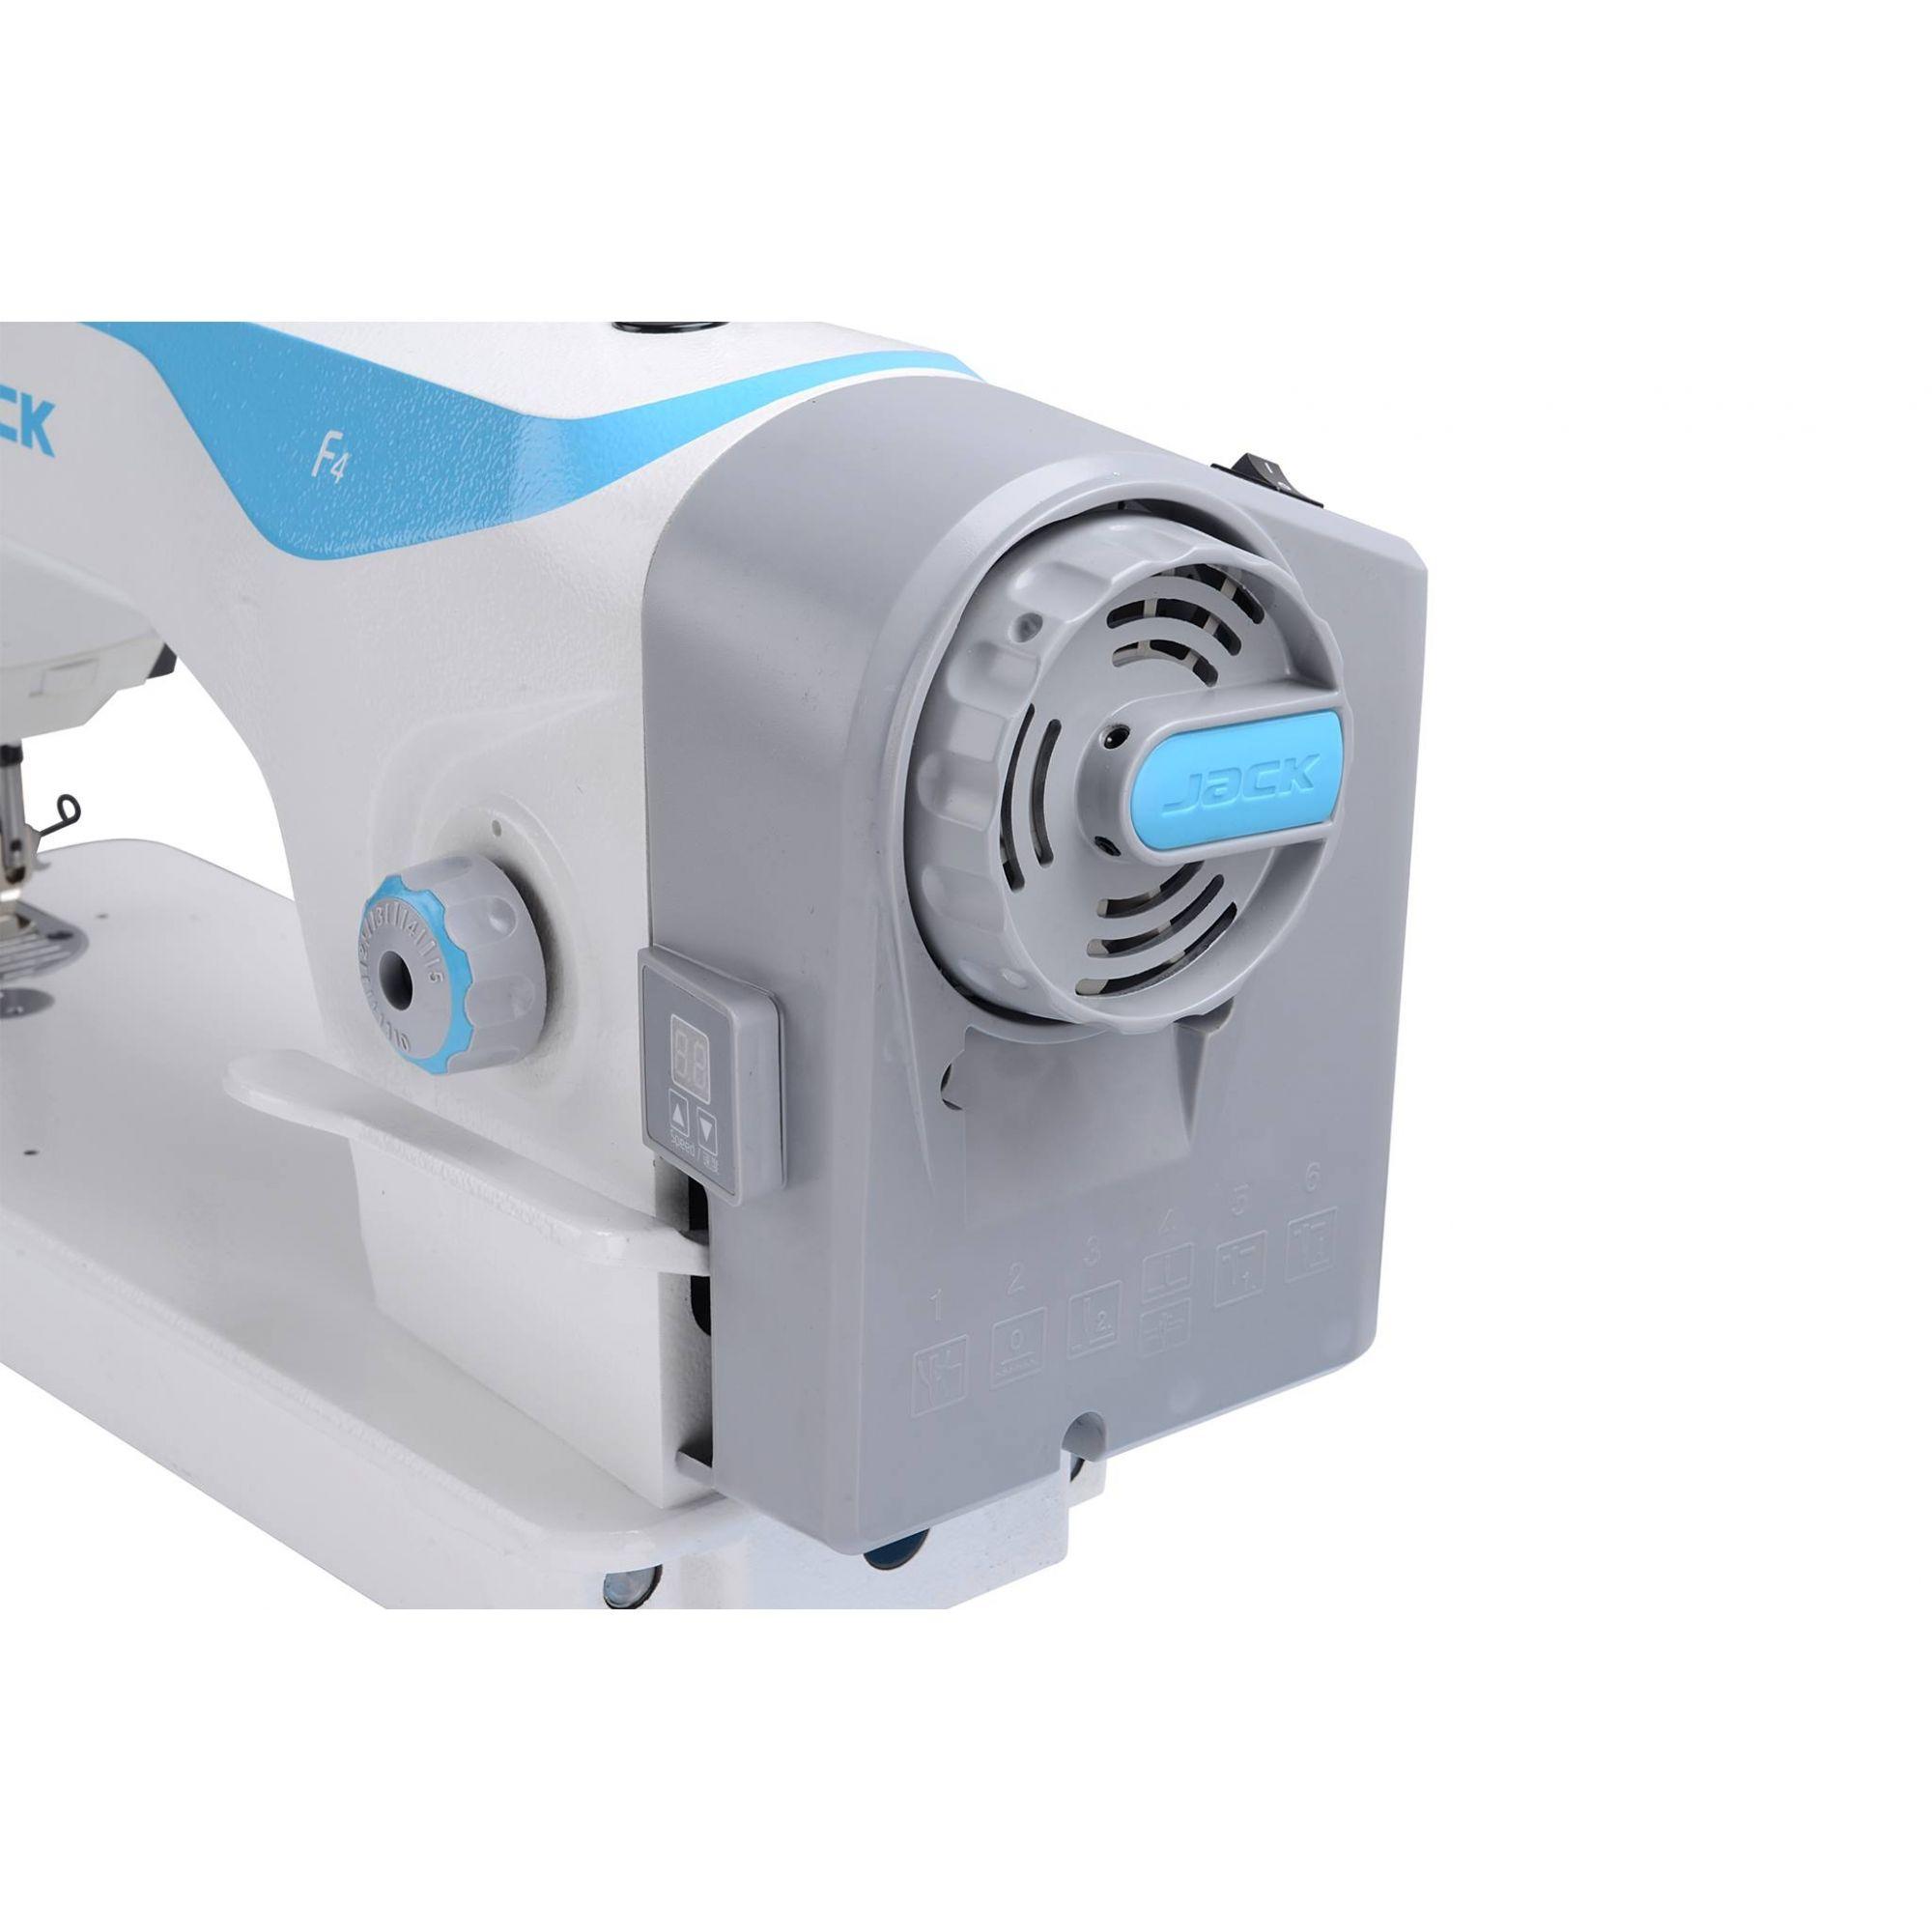 JACK - RETA INDUSTRIAL DIRECT DRIVE F4  - BH Máquinas de Costura